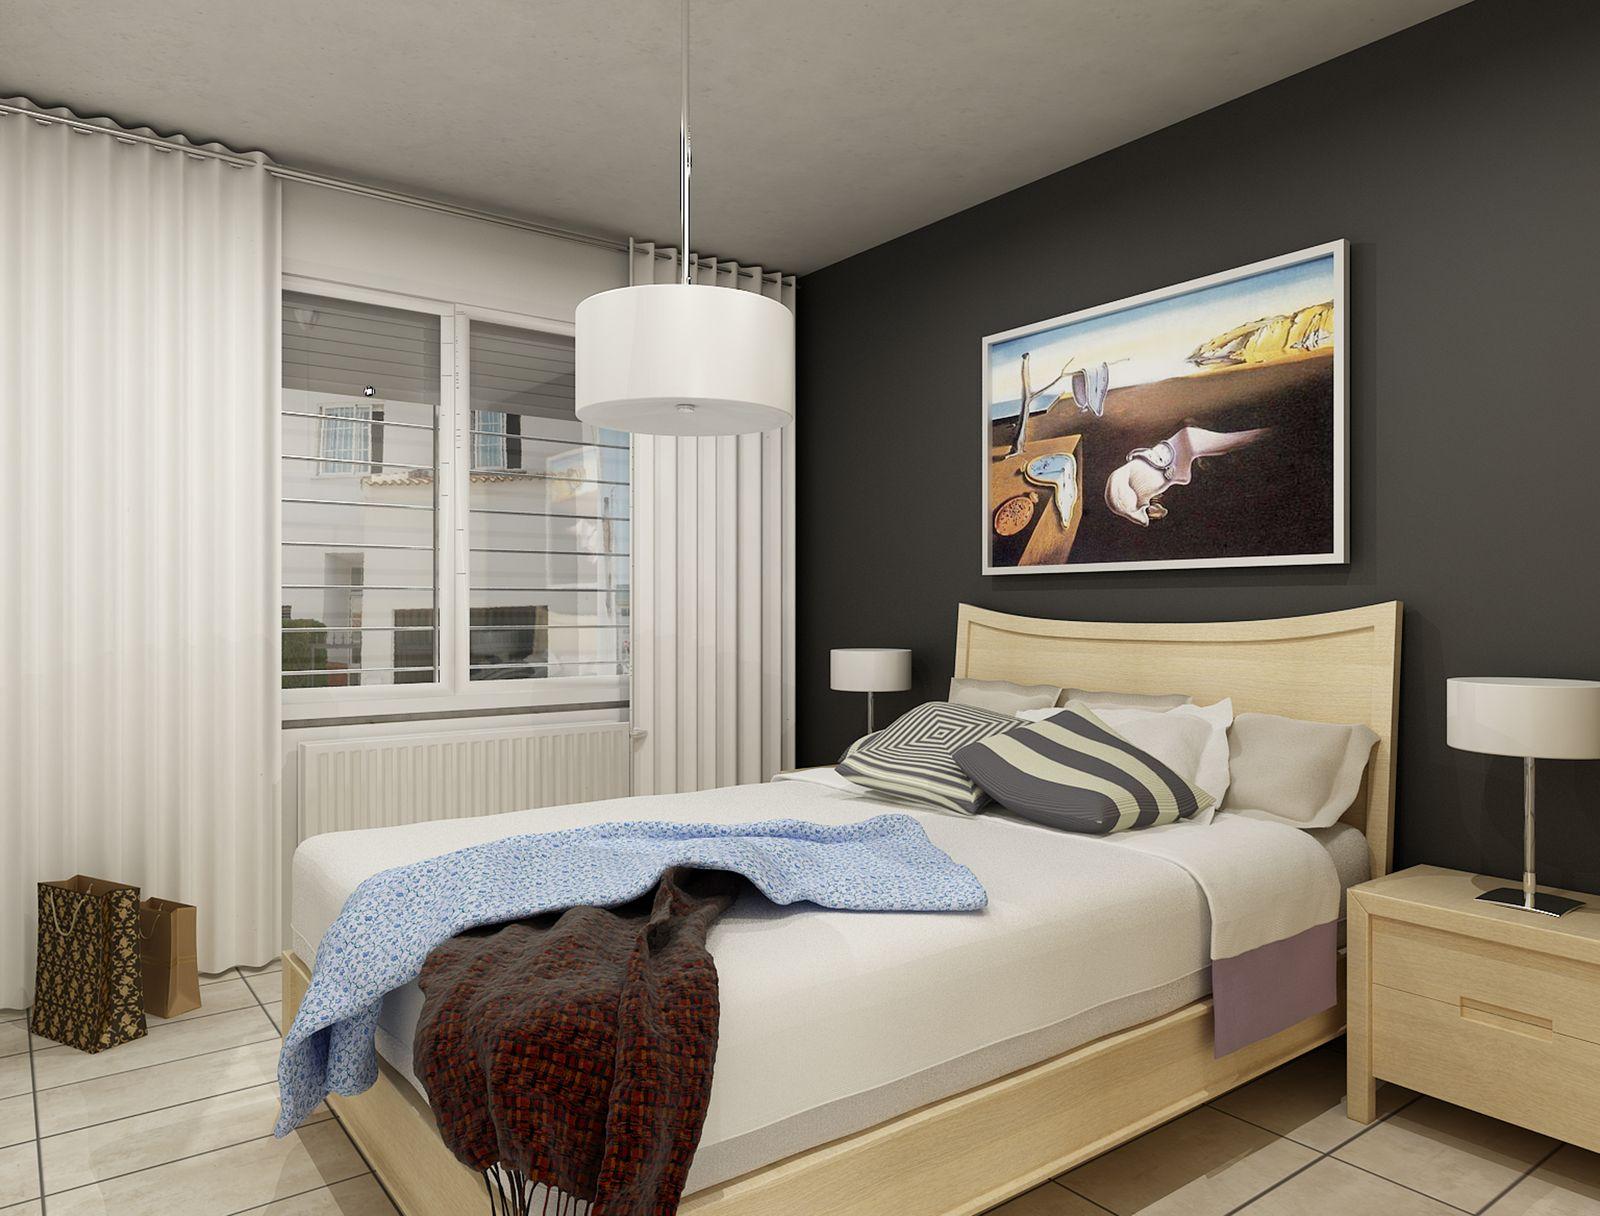 Dormitorios pequeños | Decoración